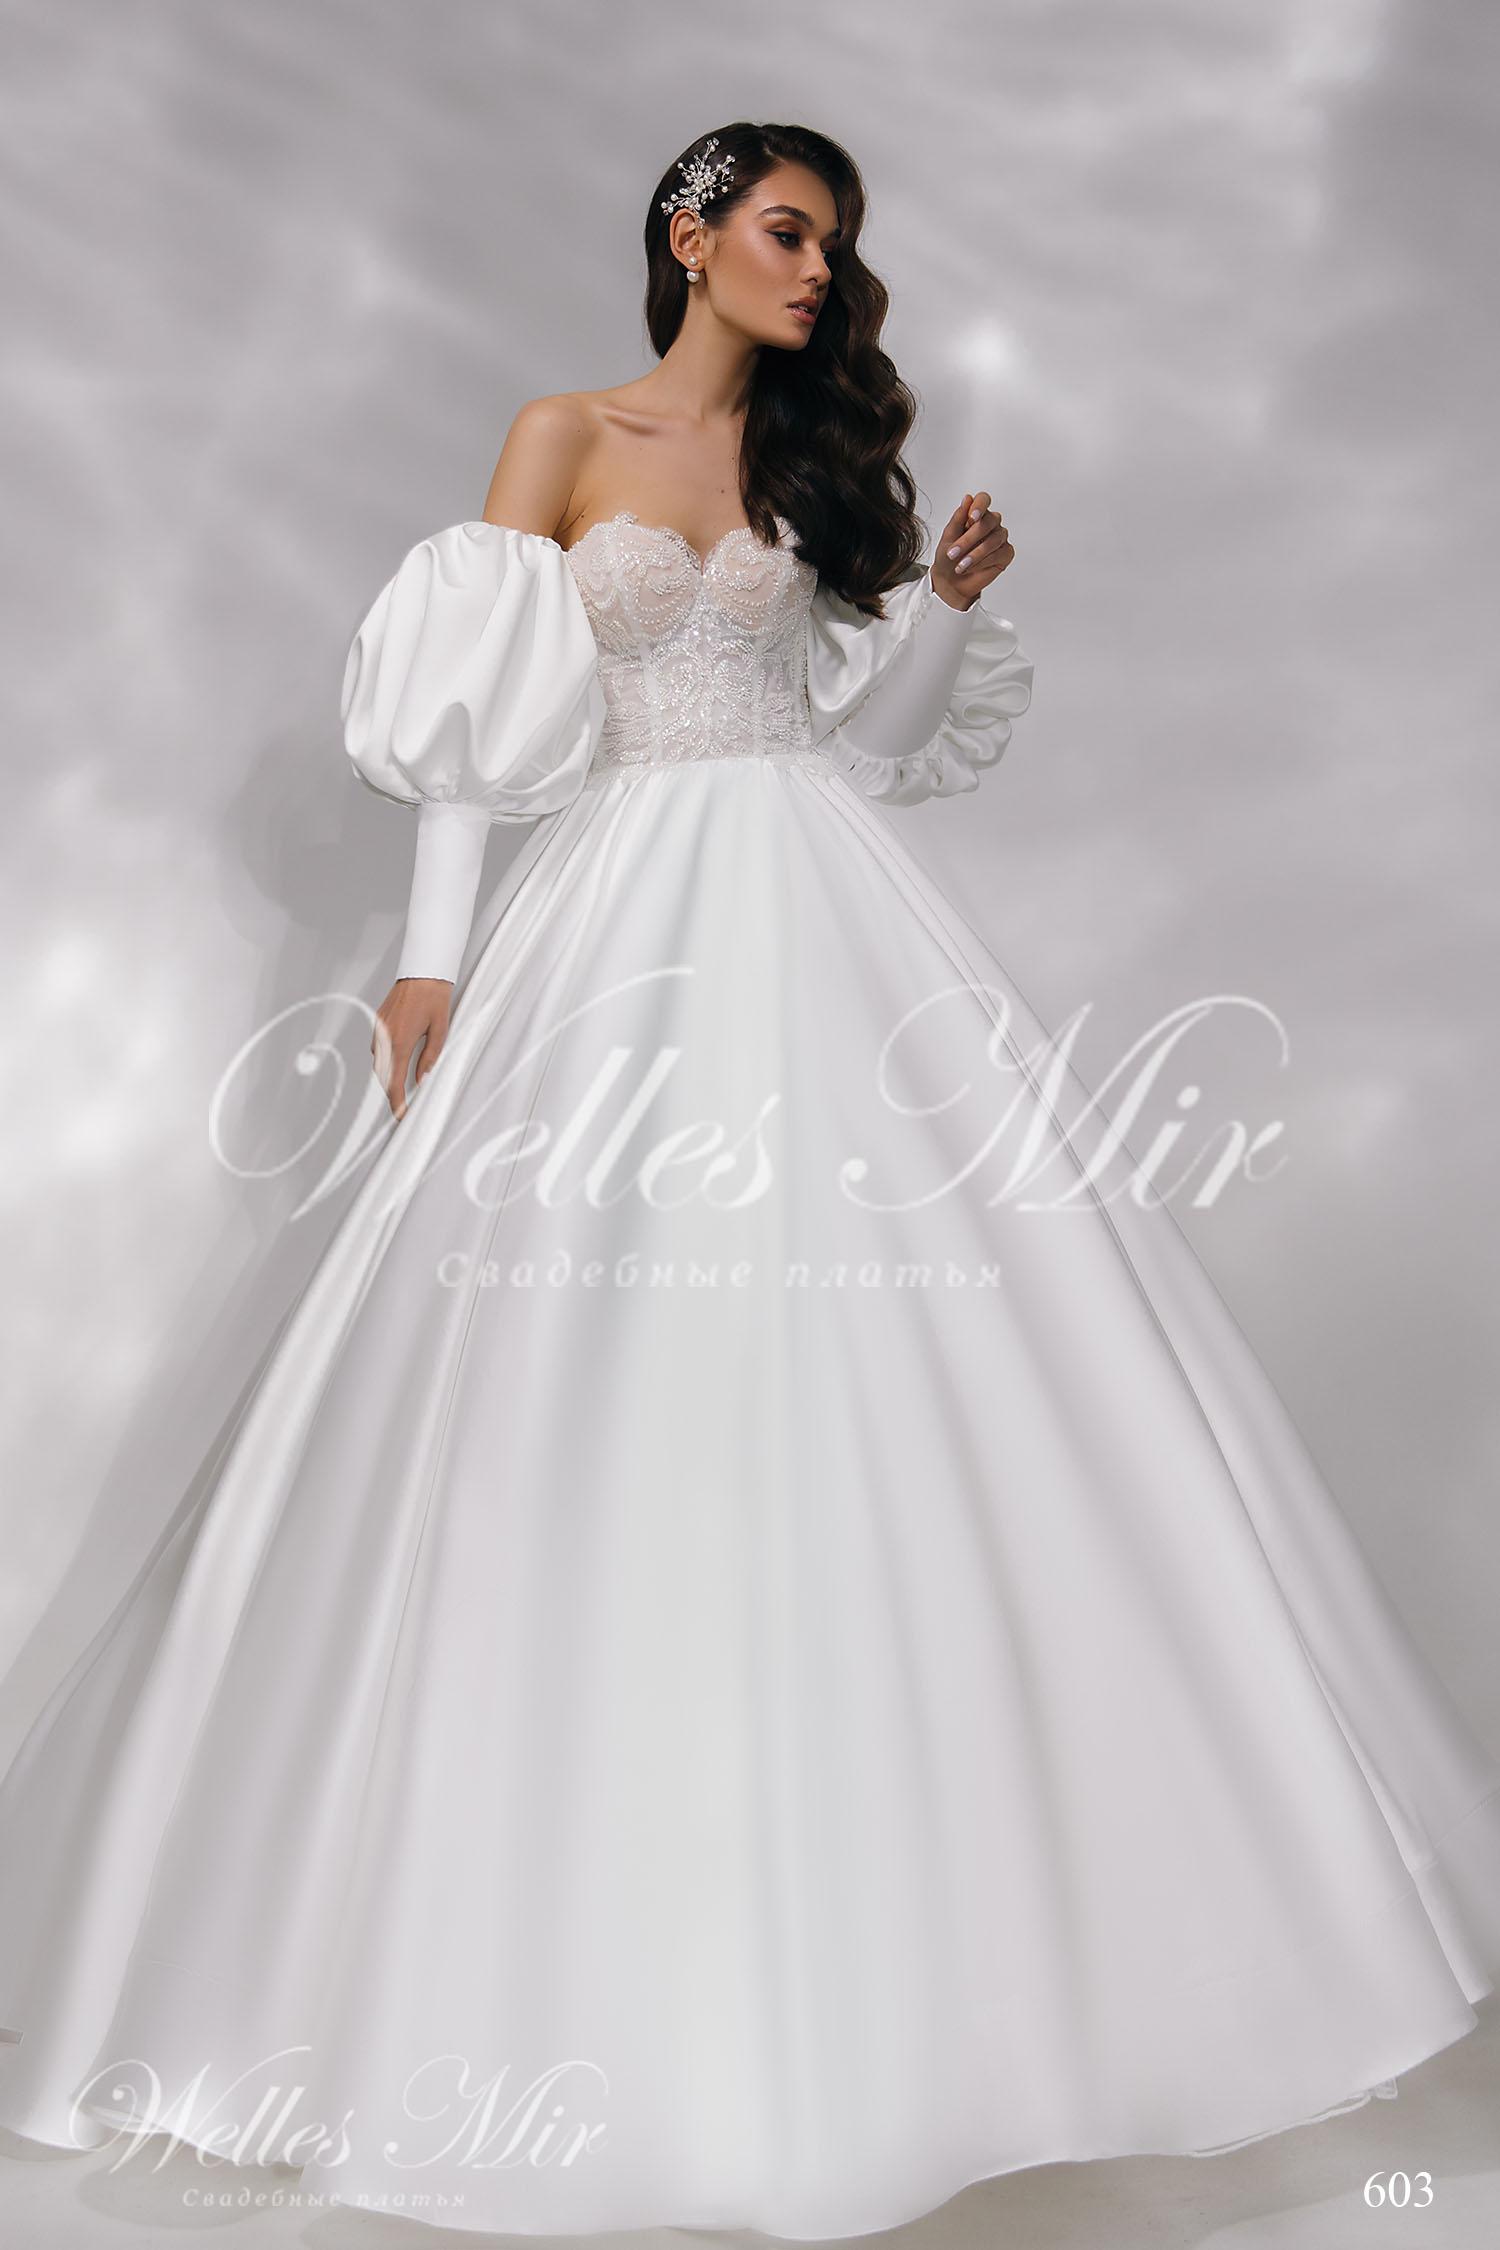 Свадебные платья Nothern Lights - 603